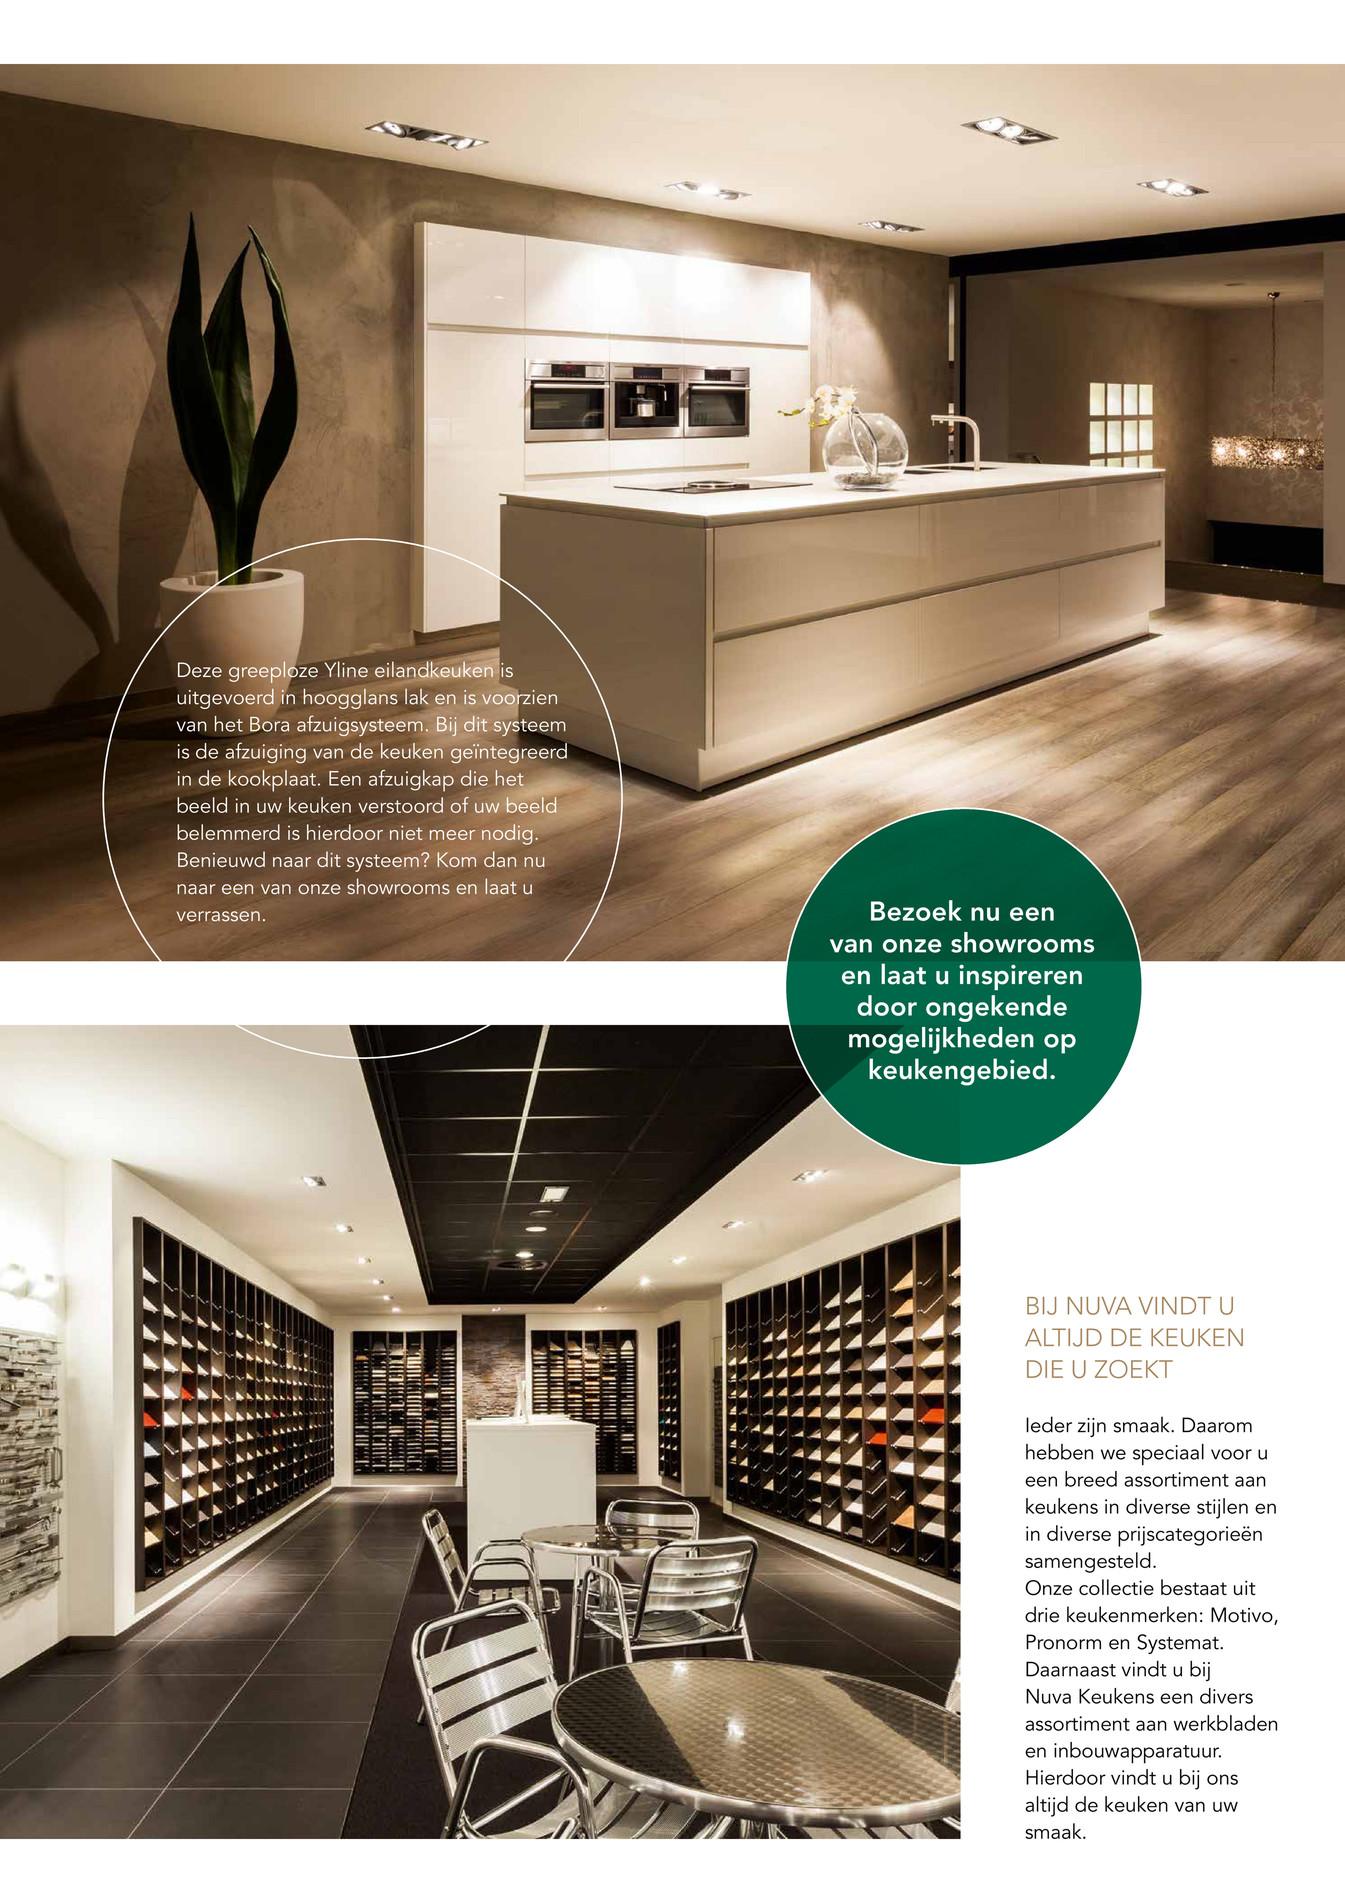 Reclamefolder.nl   nuva keukens week15   pagina 2 3